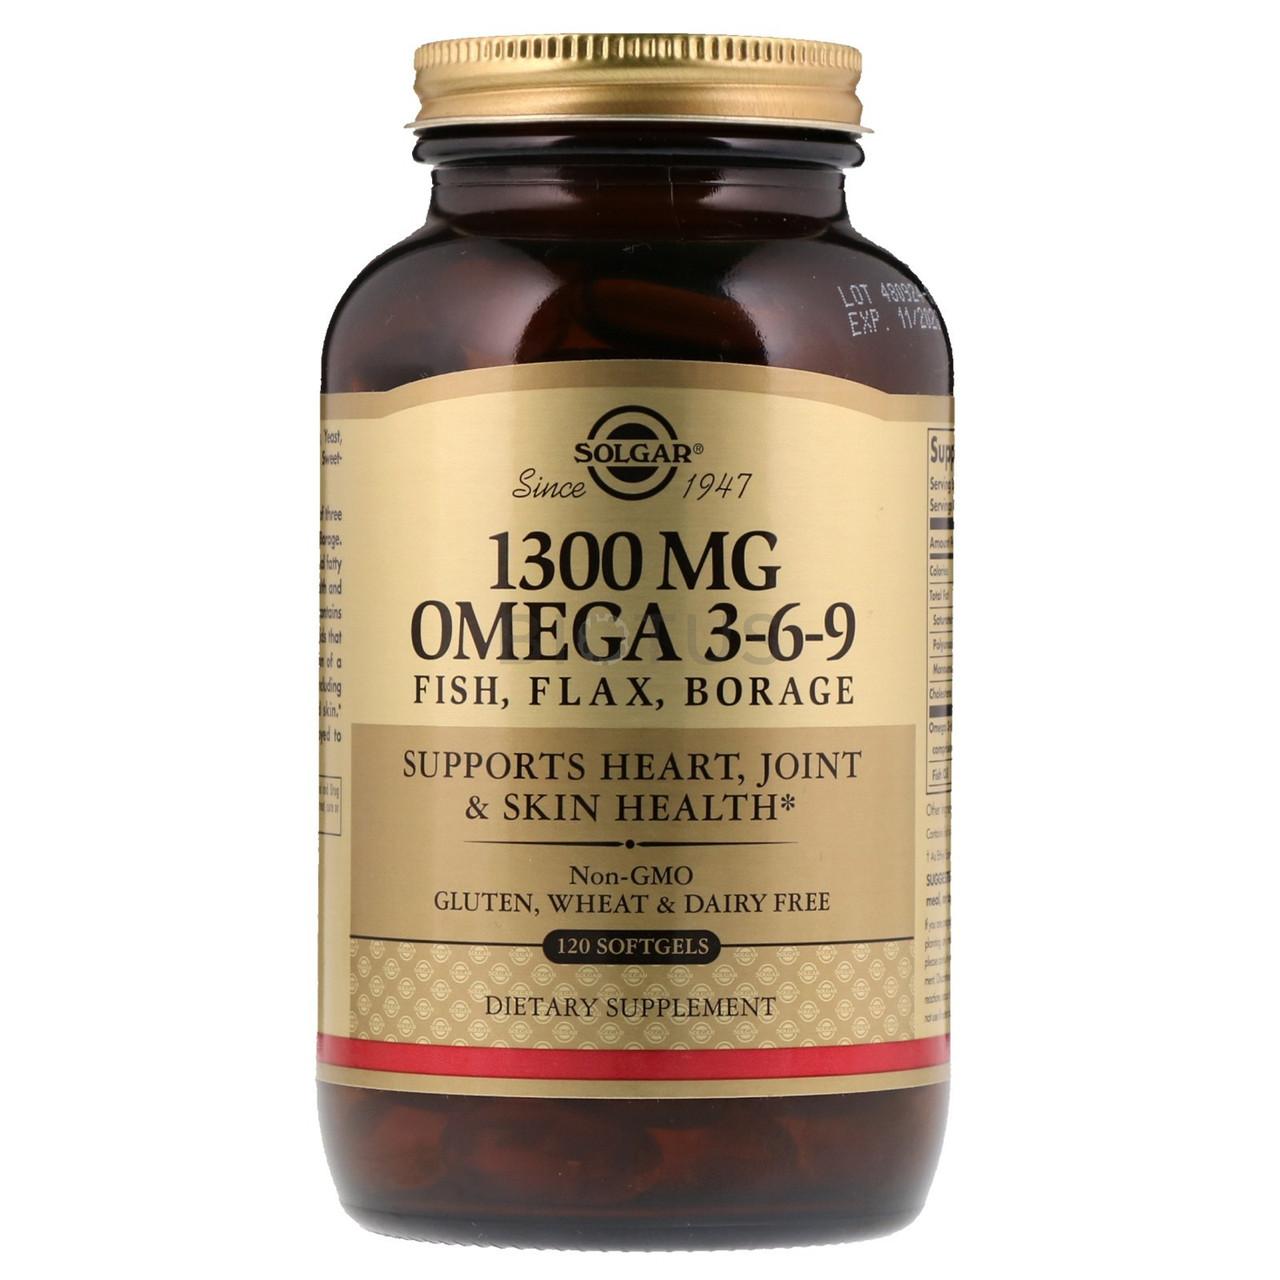 Біологічно Активні Добавки Солгар Омега 3-6-9 1300 мг 120 капсул Solgar Omega (7846555)